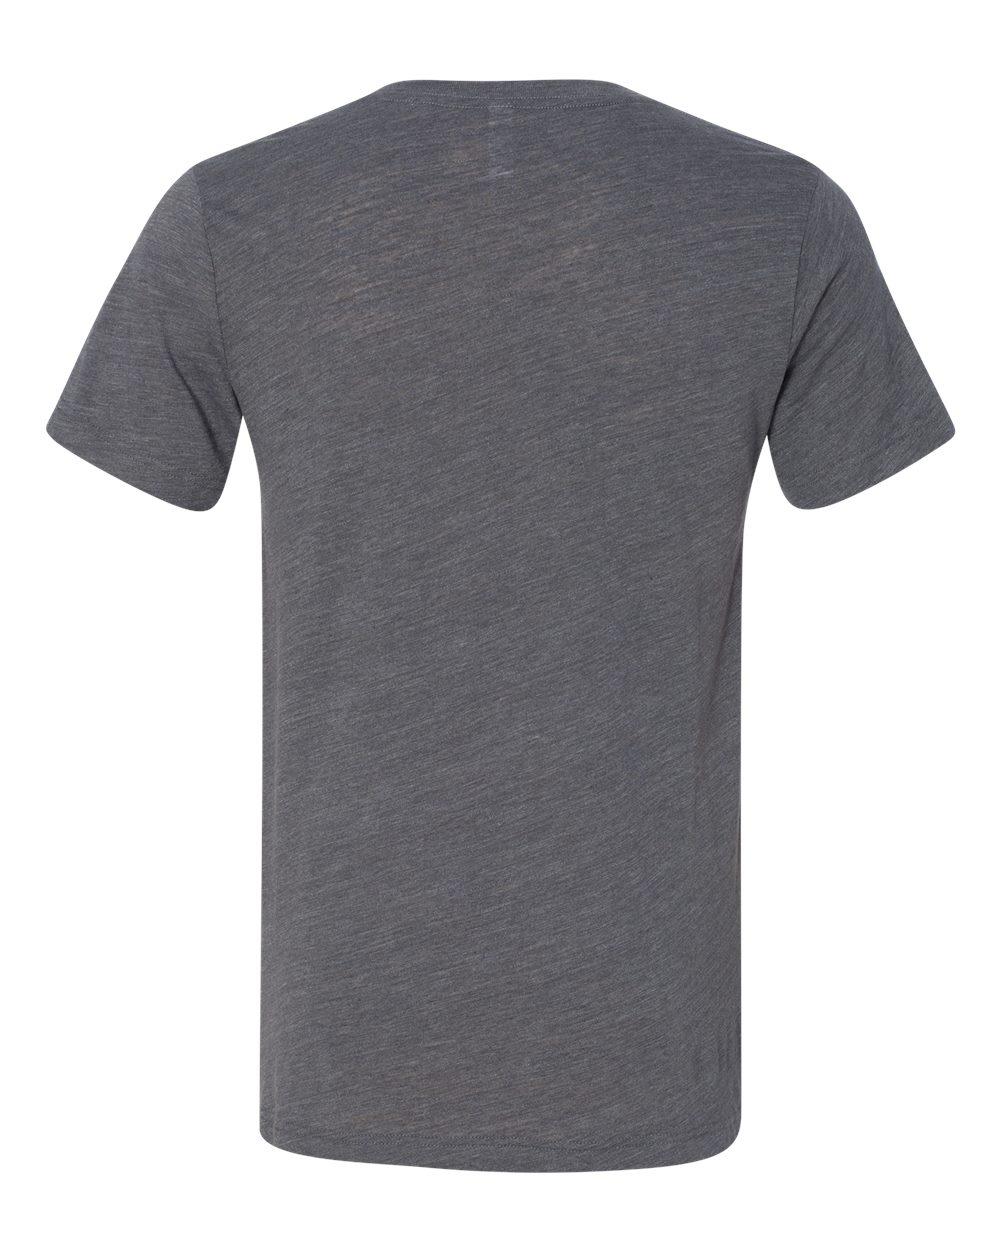 Bella-Canvas-Men-039-s-Jersey-Short-Sleeve-V-Neck-T-Shirt-3005-XS-3XL thumbnail 86